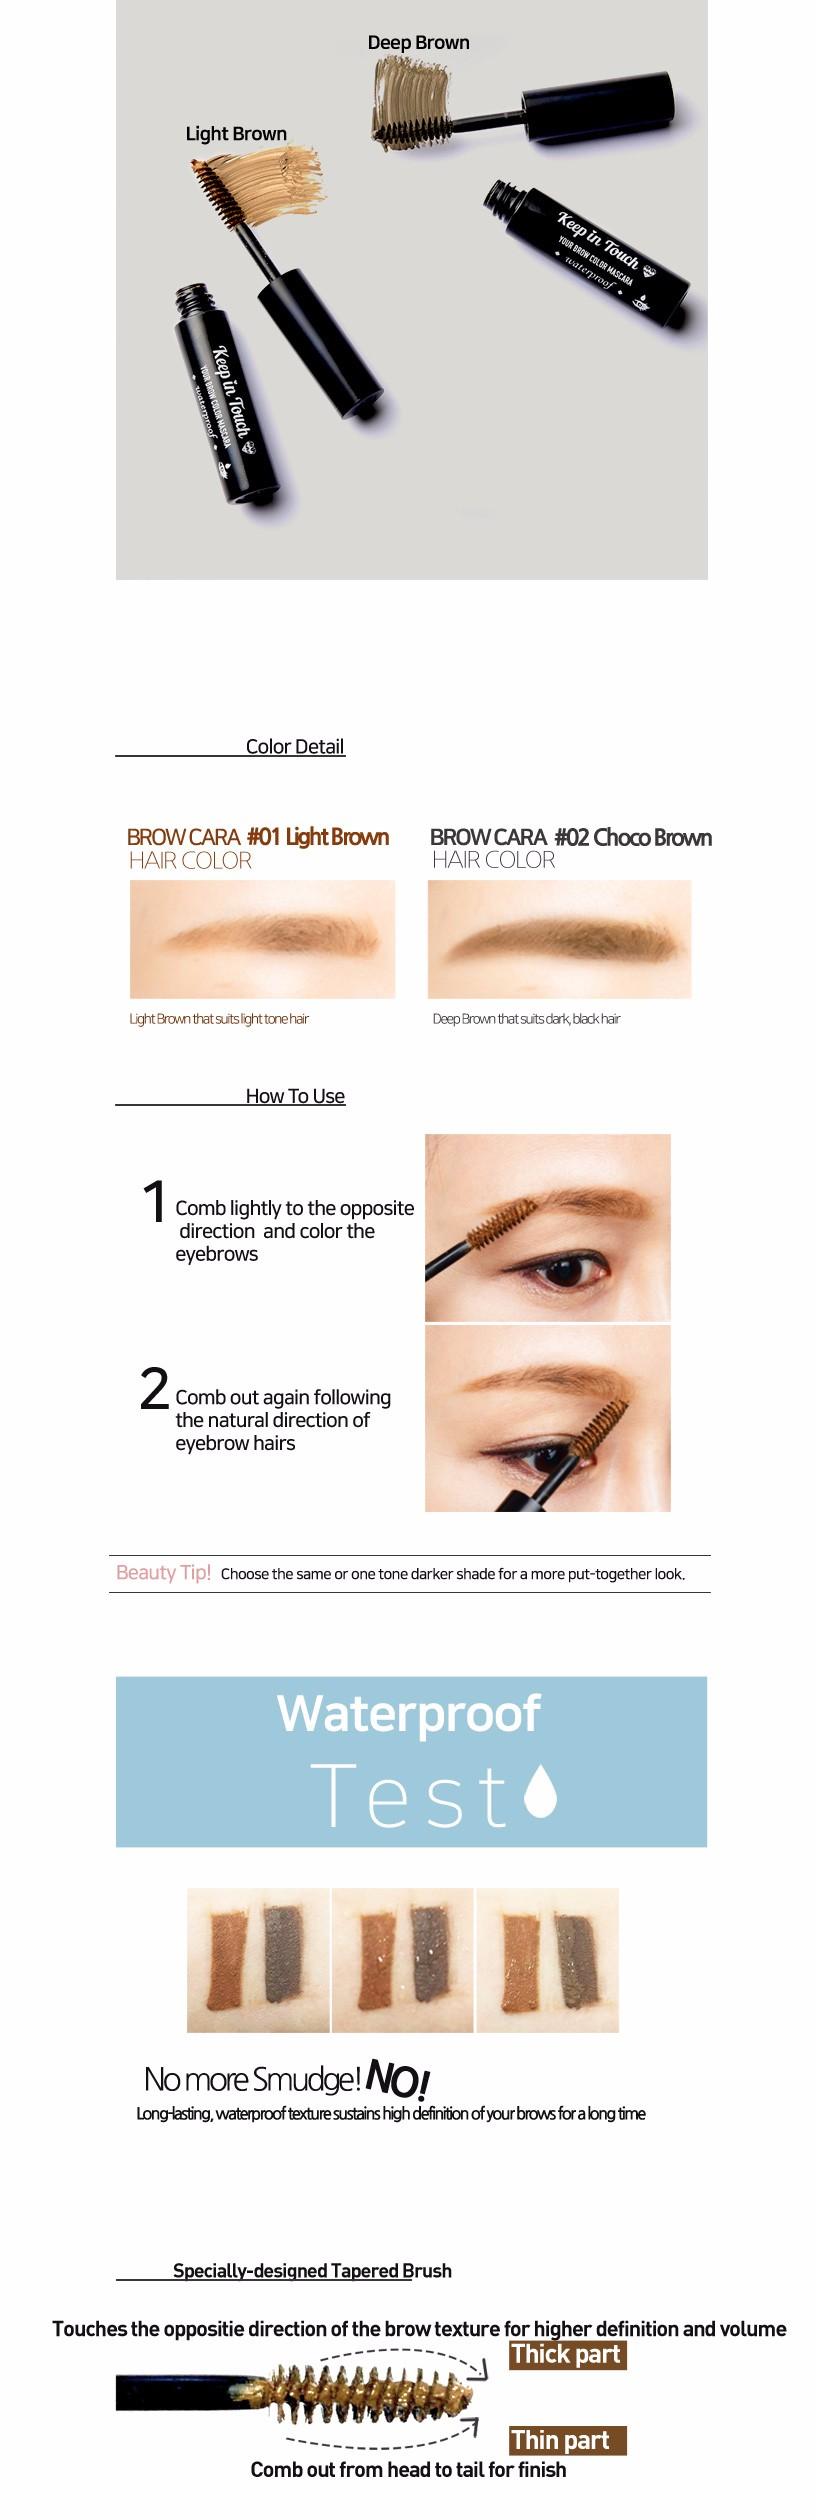 Paraon Koreankeep In Touch Eye Brow Eye Brow Color Mascara Buy